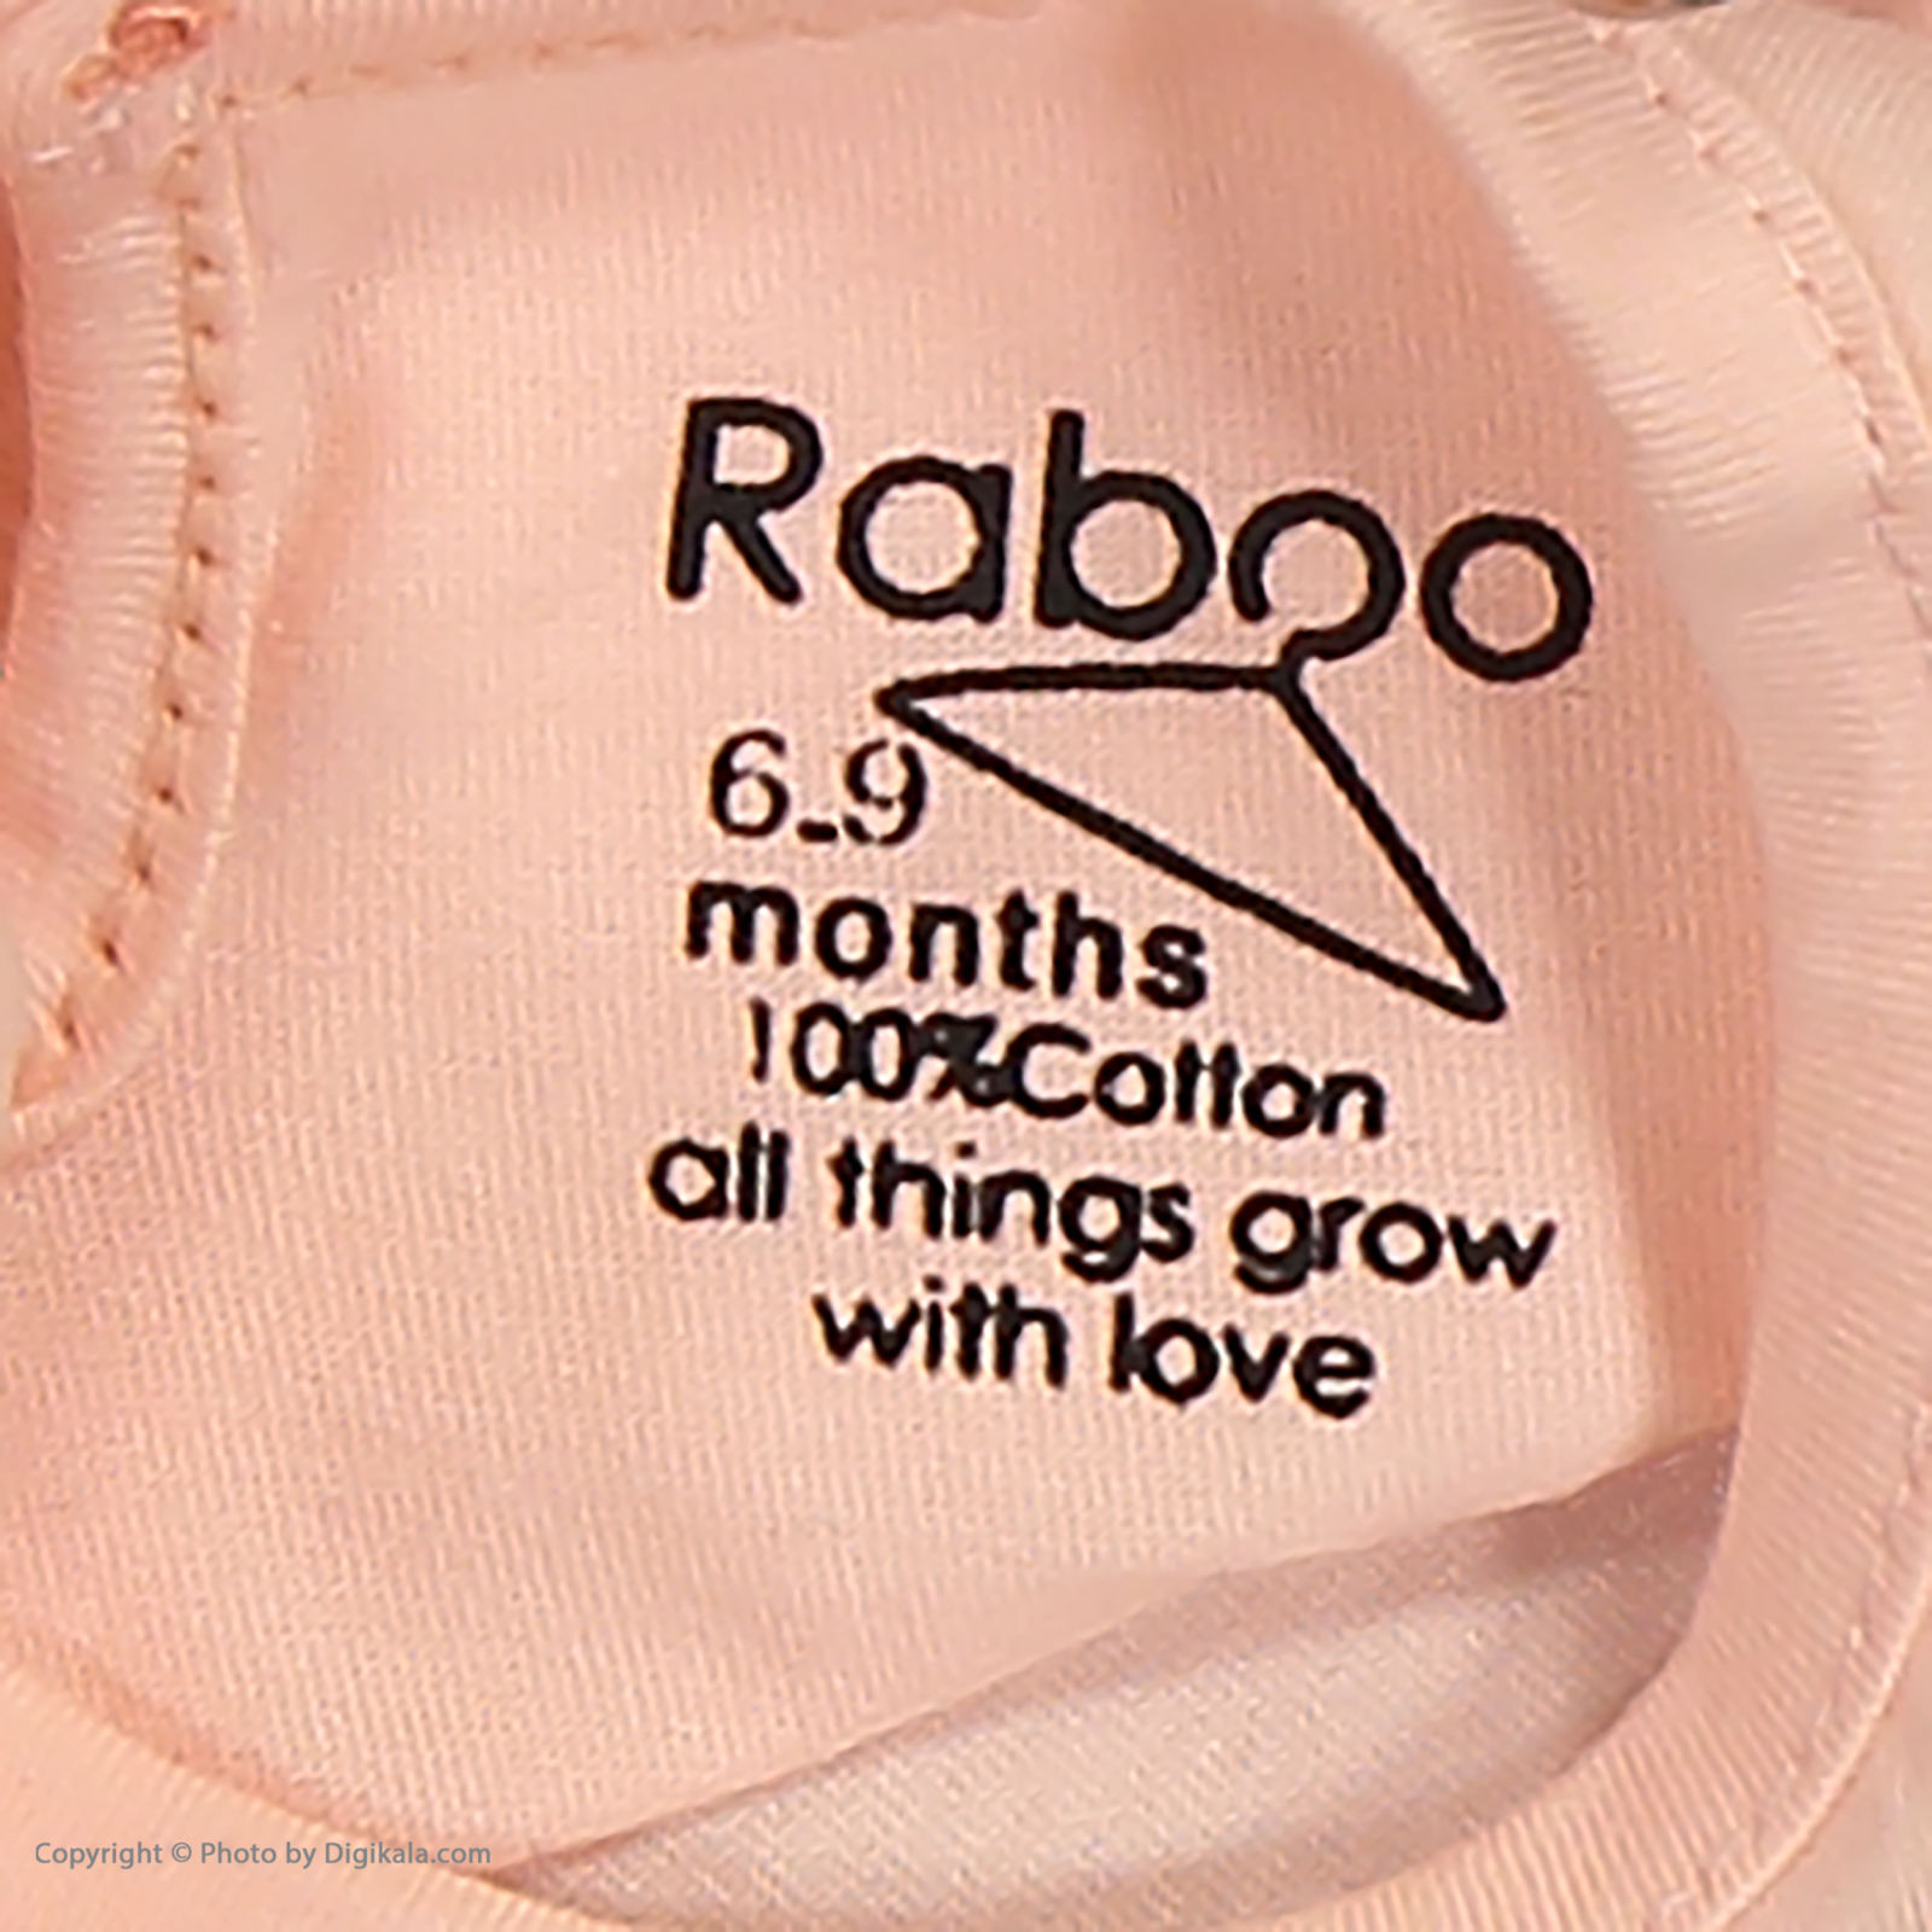 ست تی شرت و شلوار دخترانه رابو مدل 2051127-81 main 1 4